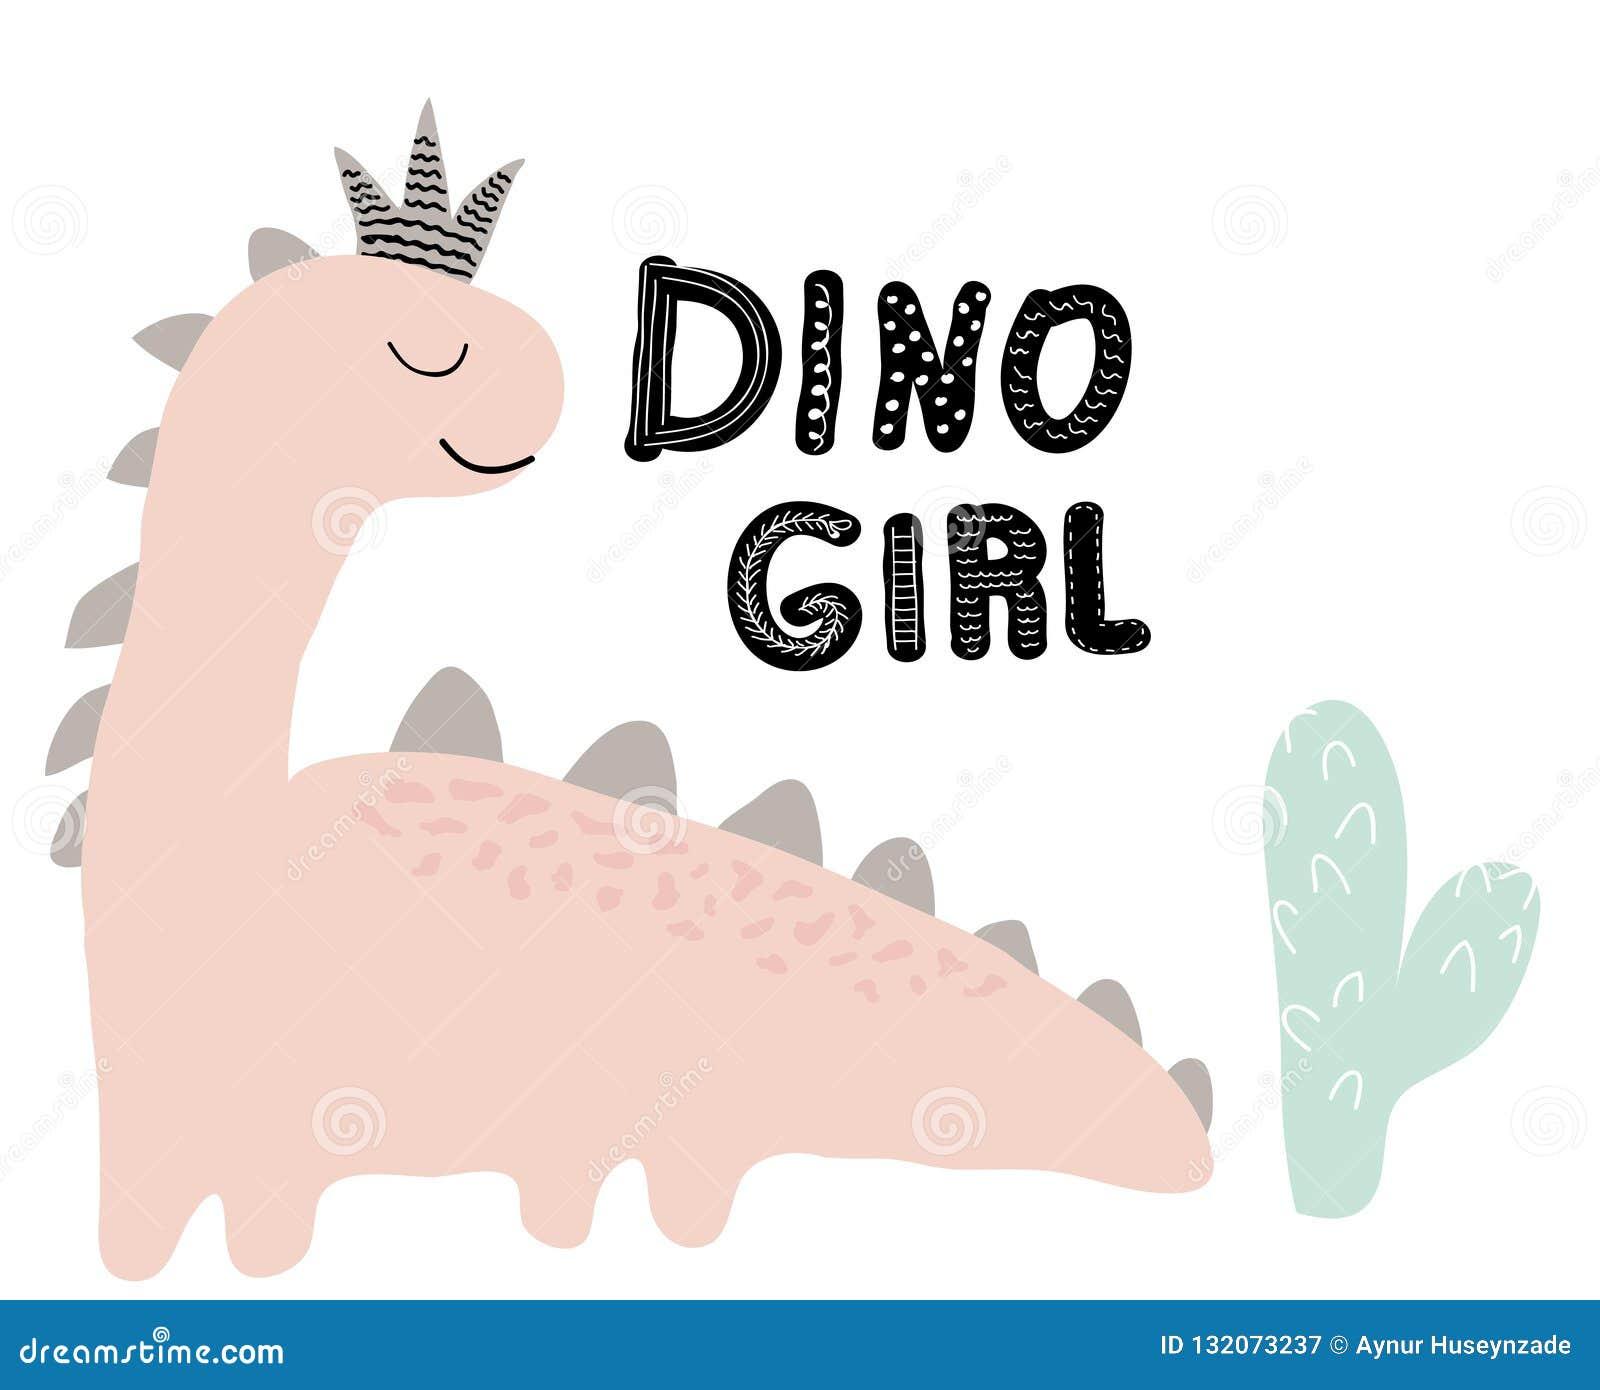 Dinosauriermädchen-Vektordruck in der skandinavischen Art chldish Illustration für T-Shirt, Kindermode, Gewebe